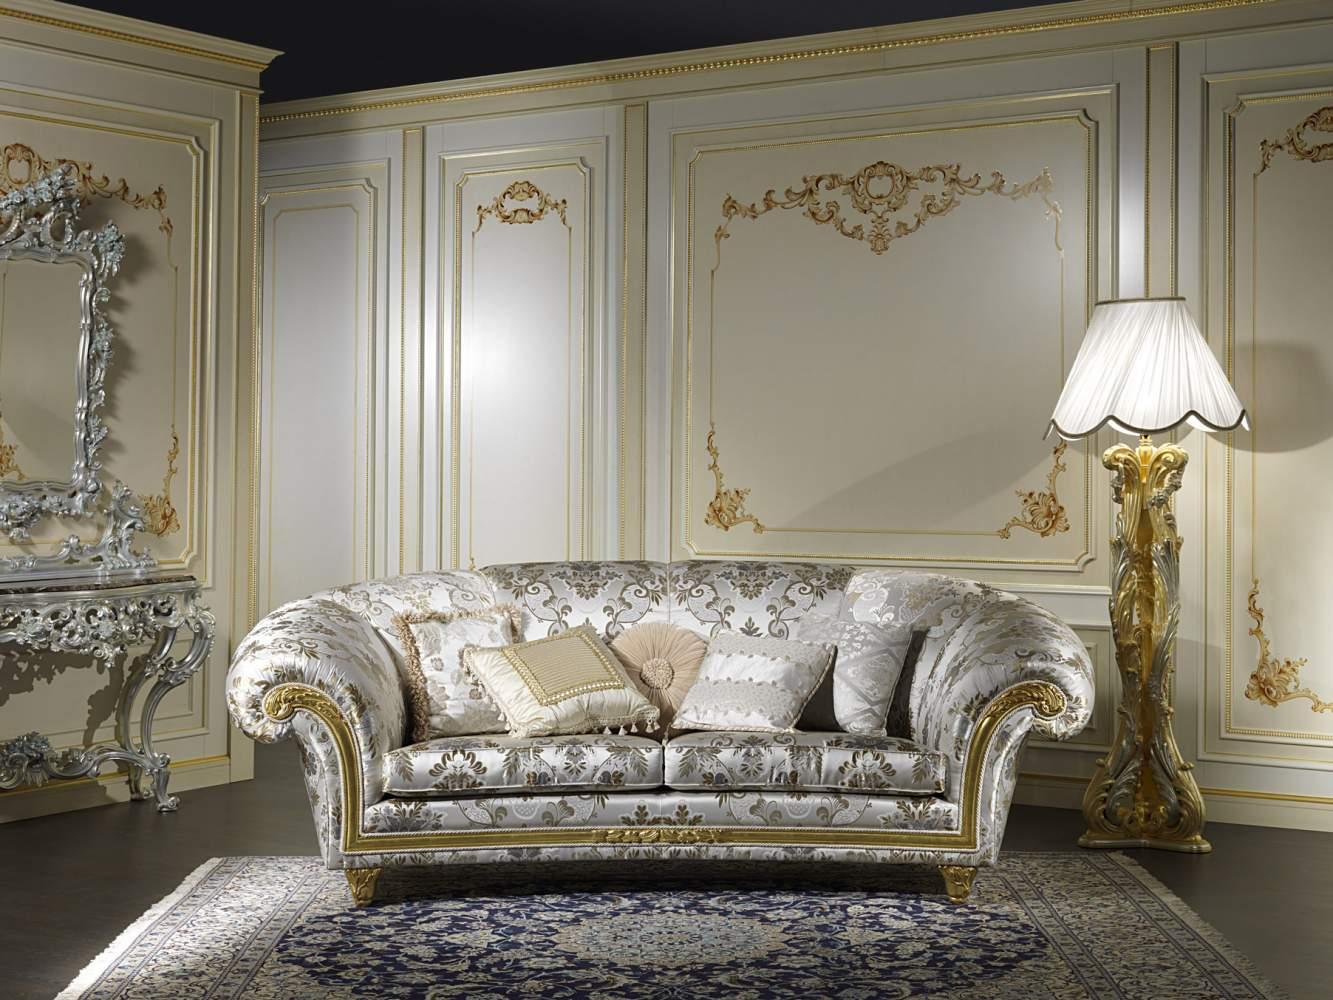 Salotto in stile classico palace vimercati meda for Mobili salotto design